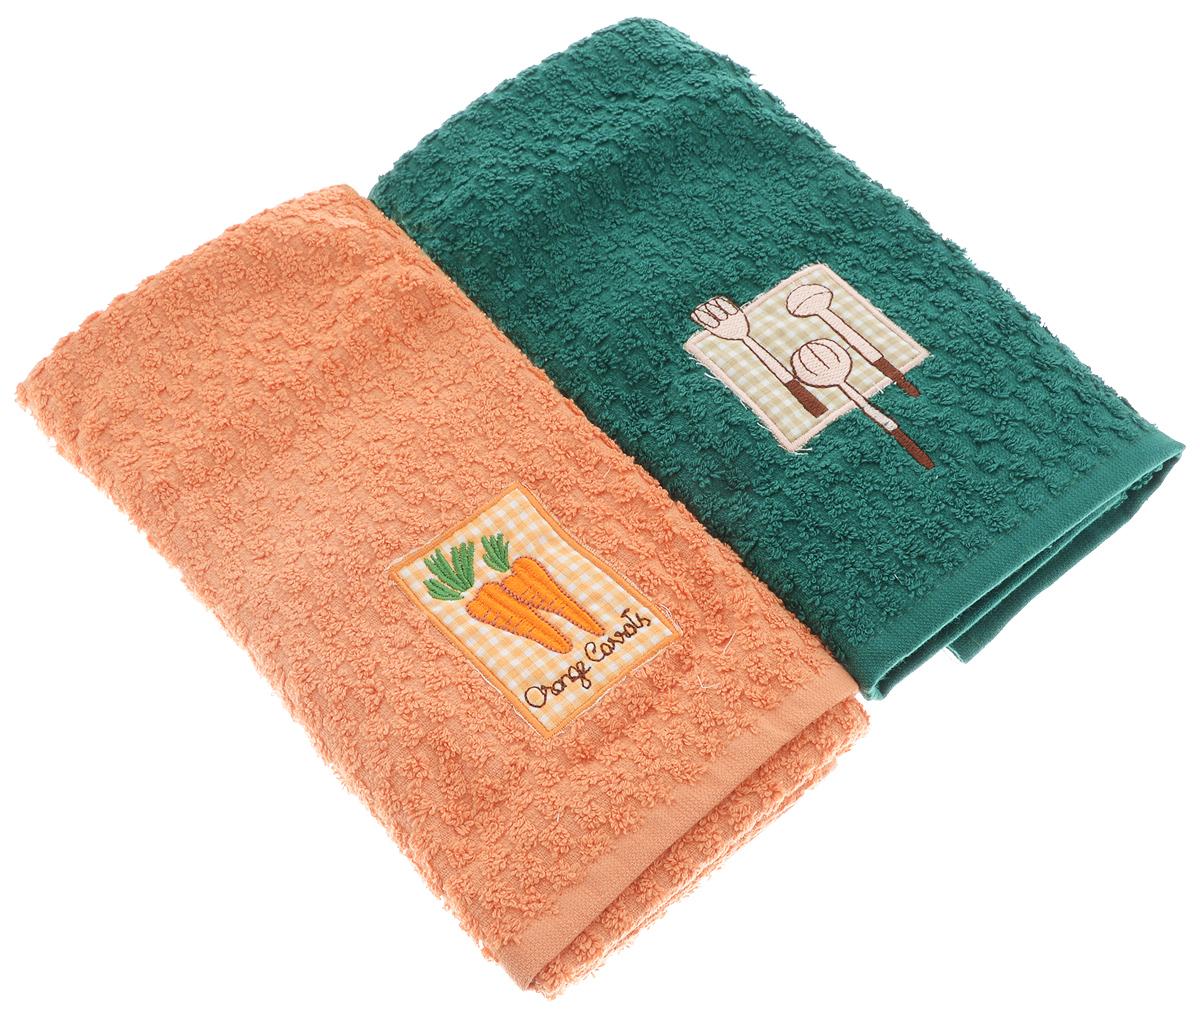 Набор кухонных полотенец Bonita Солнечный, 40 х 60 см, 2 шт20100313373морковь/ложкиНабор полотенец Bonita Солнечный, изготовленный из махры - 100% хлопка, идеально дополнит интерьер вашей кухни и создаст атмосферу уюта и комфорта. В набор входят два полотенца, которые оформлены вышивкой. Изделия выполнены из натурального материала, поэтому являются экологически чистыми. Высочайшее качество материала гарантирует безопасность не только взрослых, но и самых маленьких членов семьи. Современный декоративный текстиль для дома должен быть экологически чистым продуктом и отличаться ярким и современным дизайном. Кухня, столовая, гостиная - то место в доме, где хочется собраться всем вместе, ощутить радость и уют. И немалая доля этого уюта зависит от подобранных под вашу мебель, и что уж говорить, под ваше настроение - полотенец, скатертей, салфеток и прочих милых мелочей. Bonita предлагает коллекции готовых стилистических решений для различной кухонной мебели, множество видов, рисунков и цветов. Вам легко будет создать нужную атмосферу на кухне и в столовой с товарами Bonita.